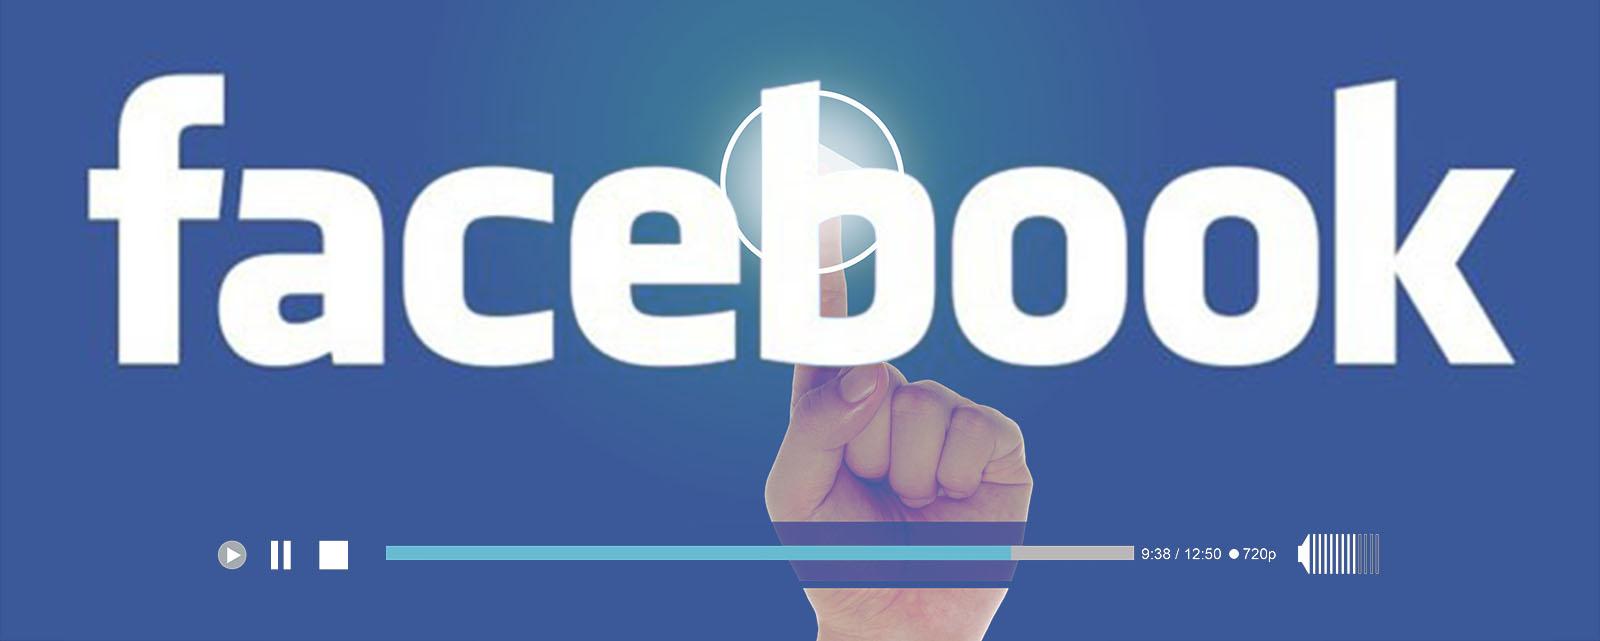 Vídeos em Redes Sociais crescem e dão resultado